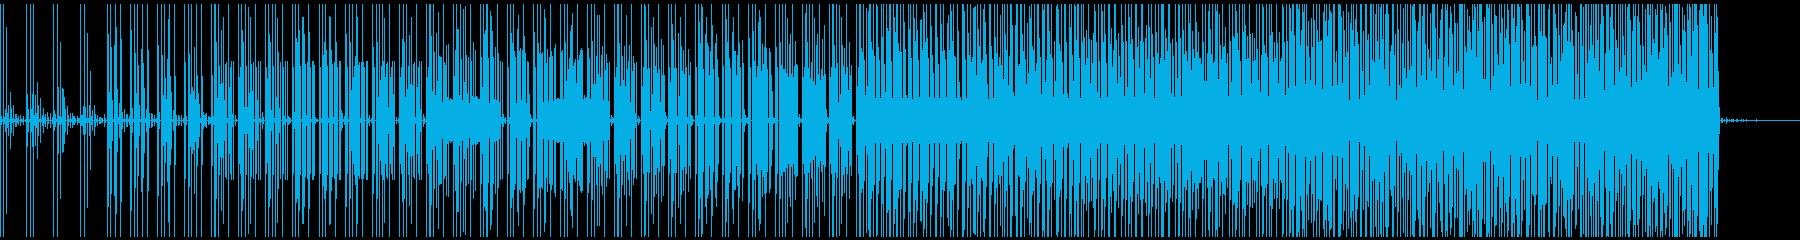 不気味なテクノの再生済みの波形